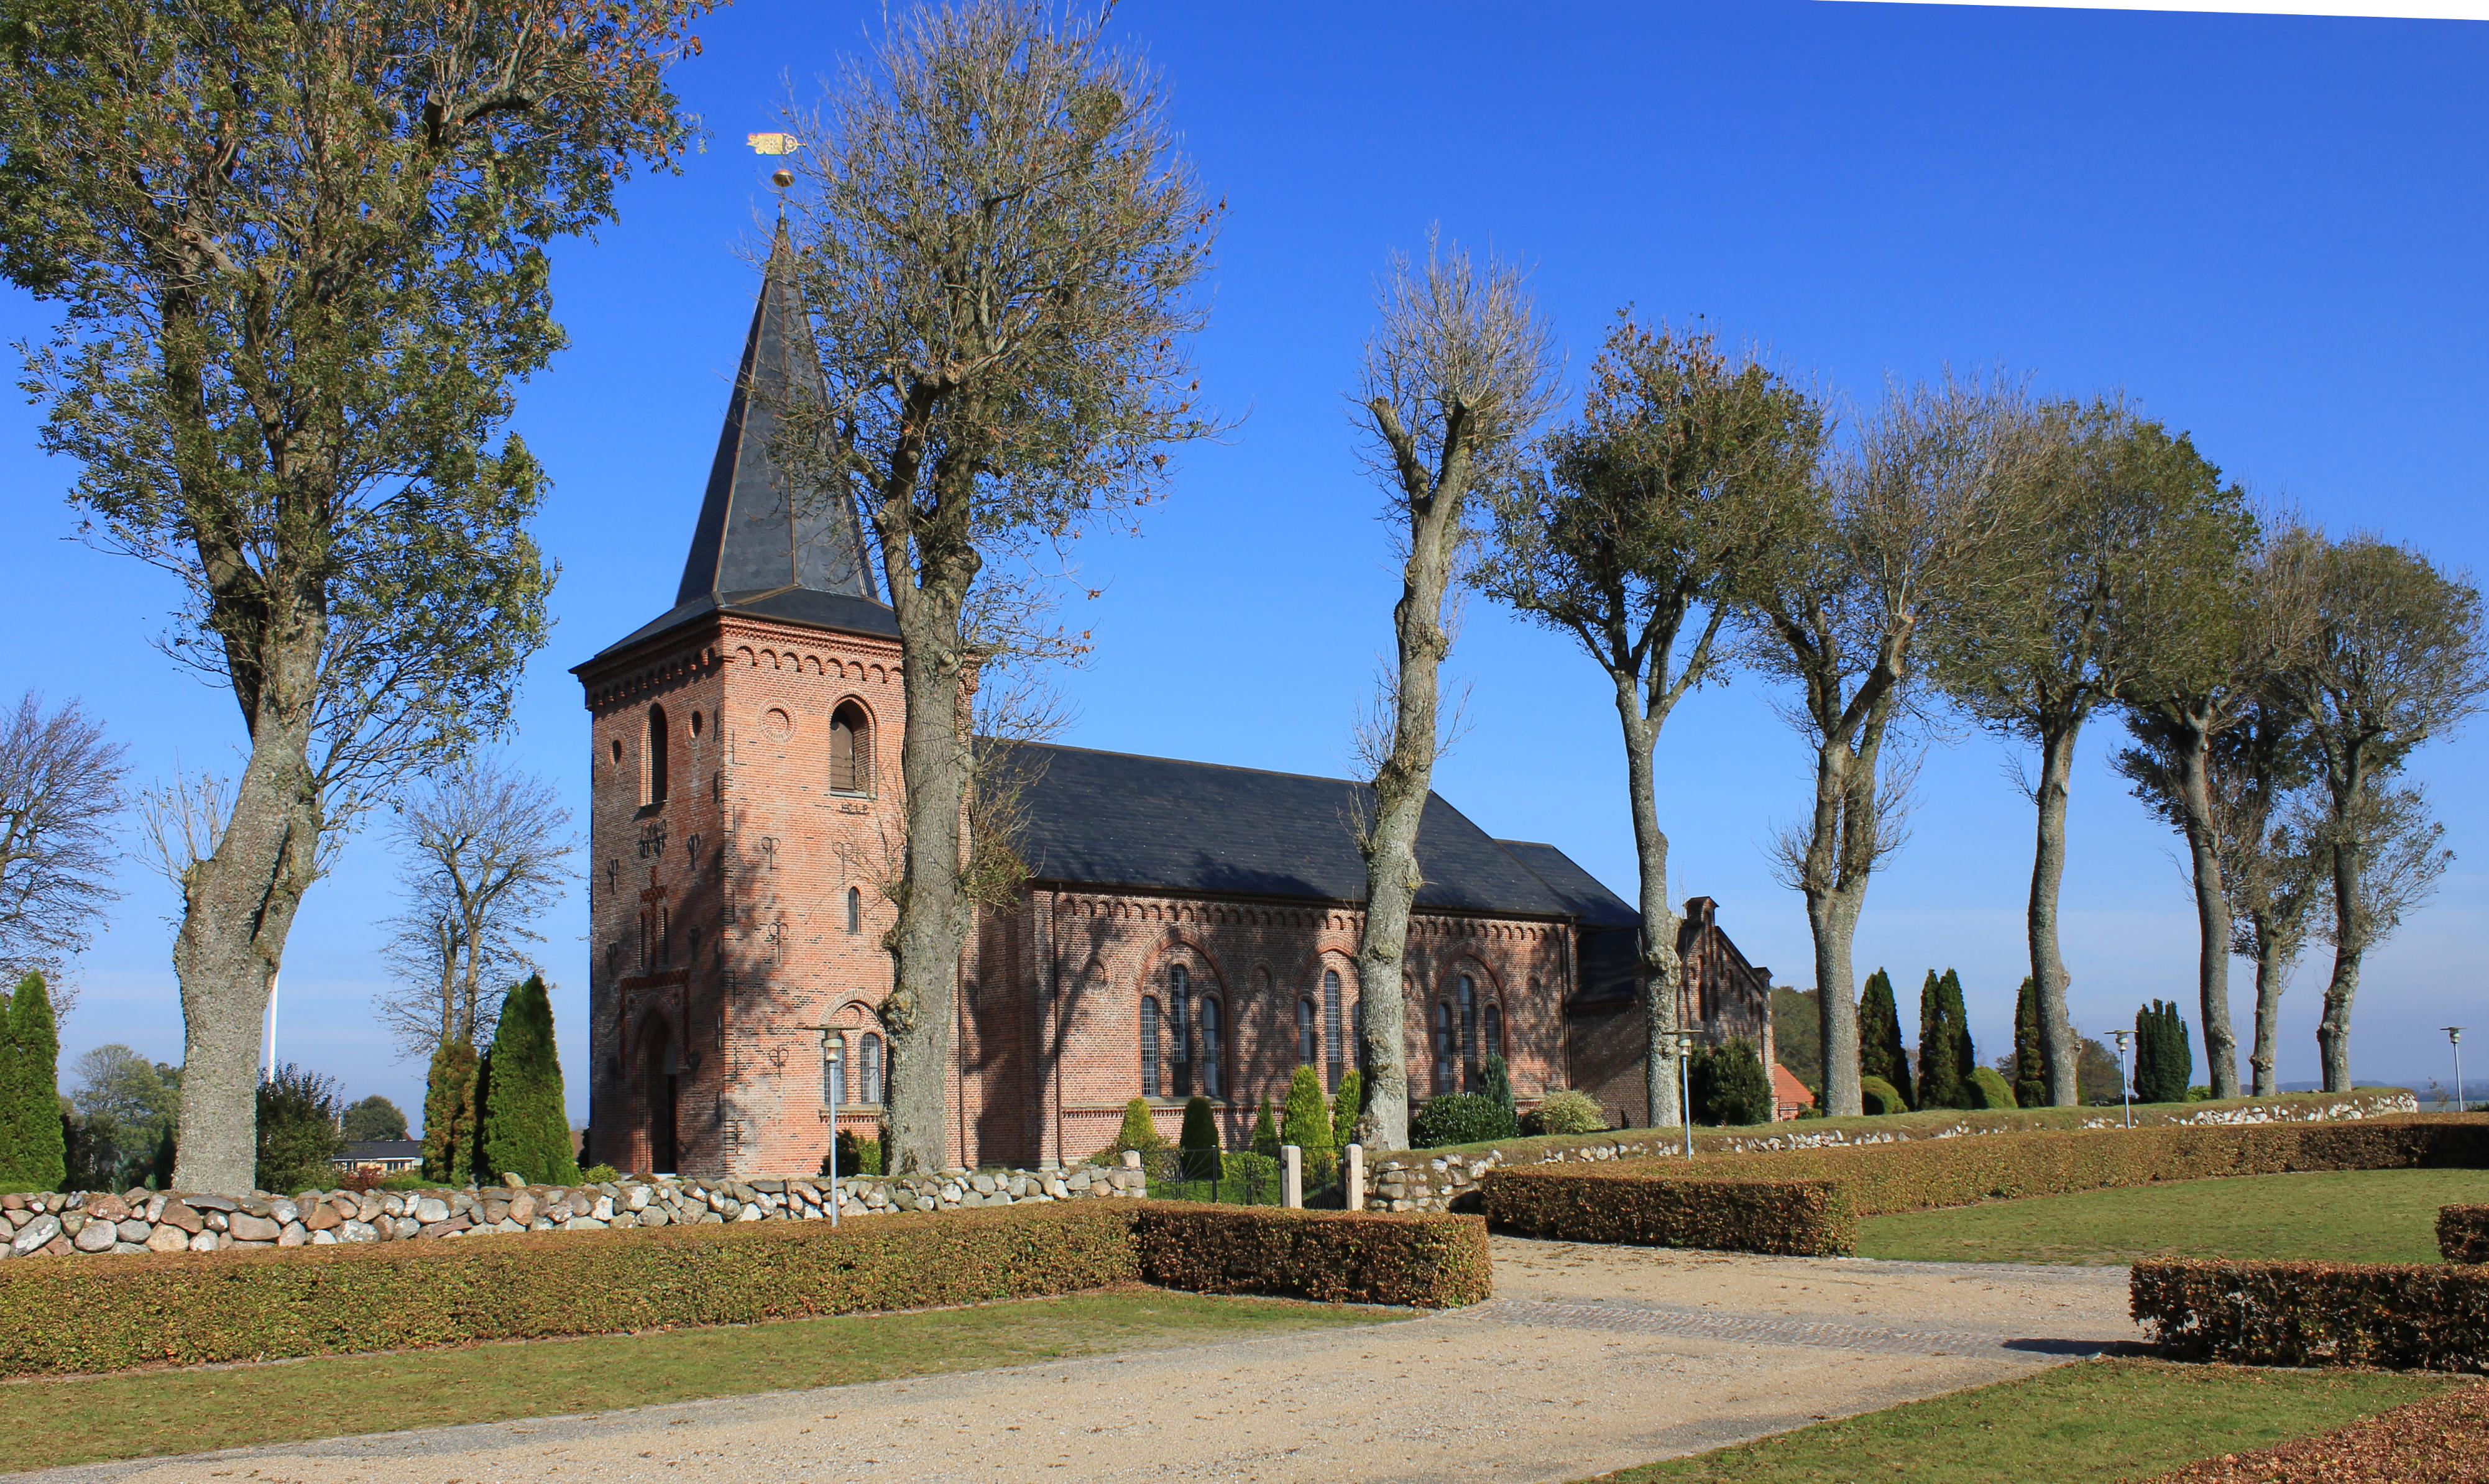 dalby kirke fyn